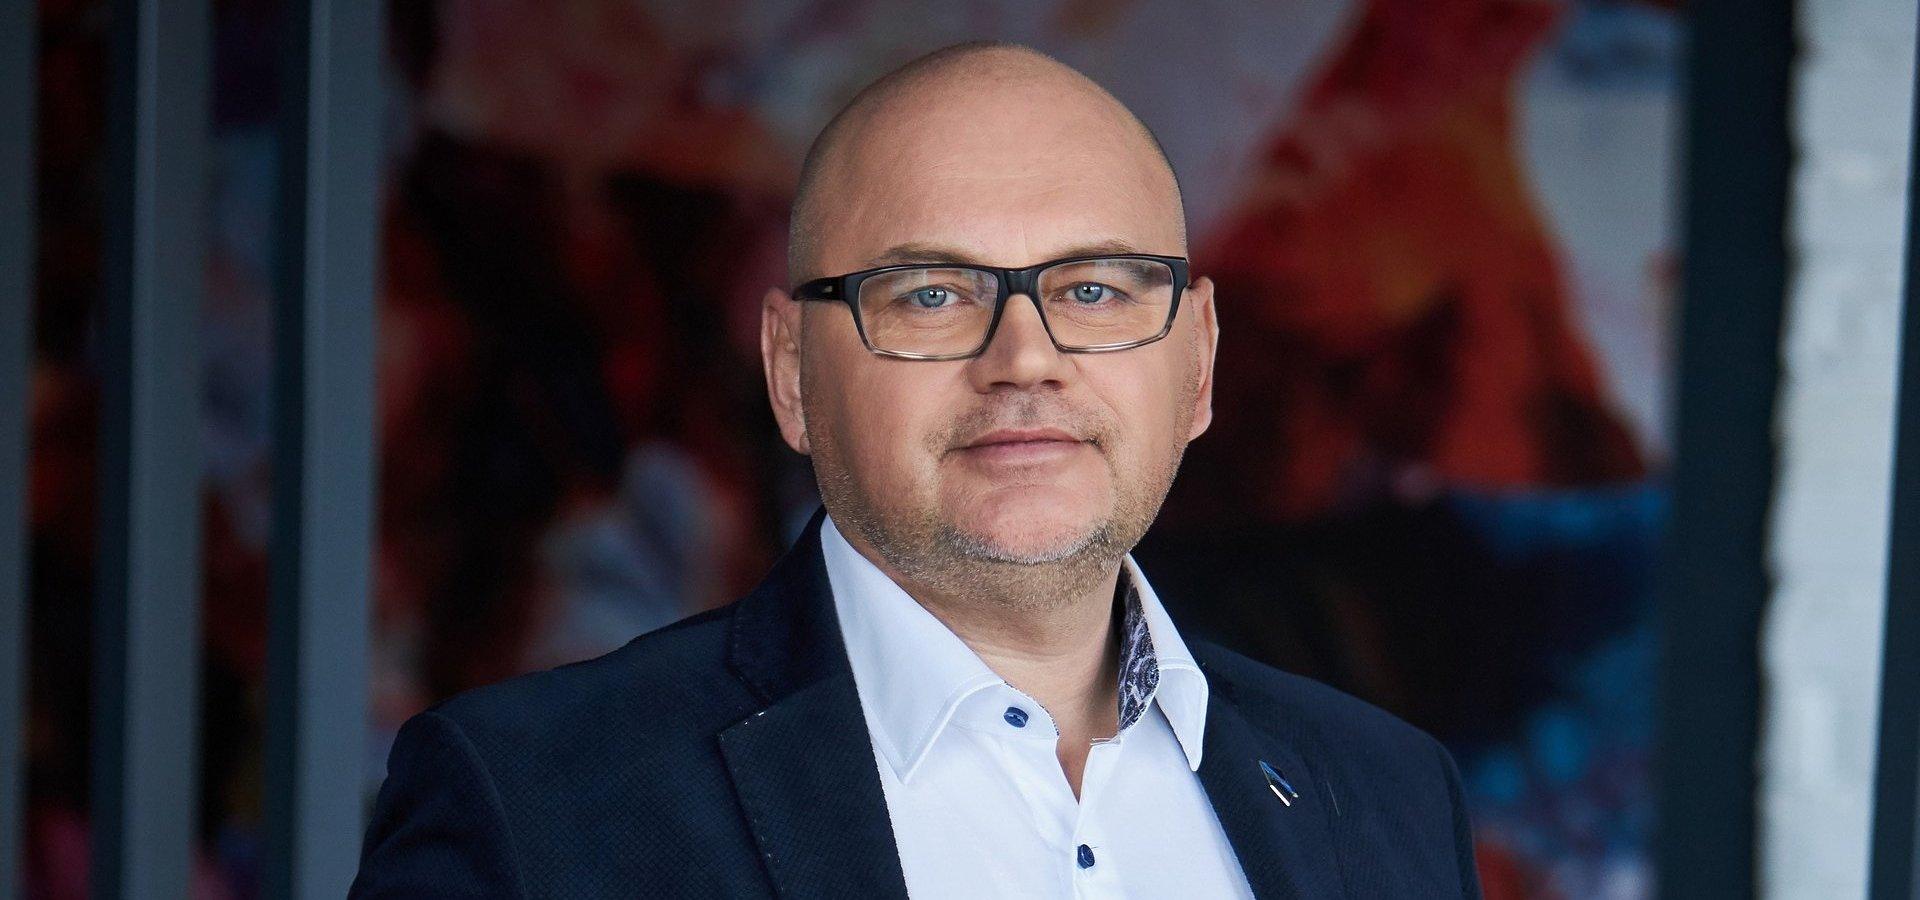 zarządzanie bezpieczeństwem, prawo policyjne: dr hab. Grzegorz Pietrek, prof. WSB